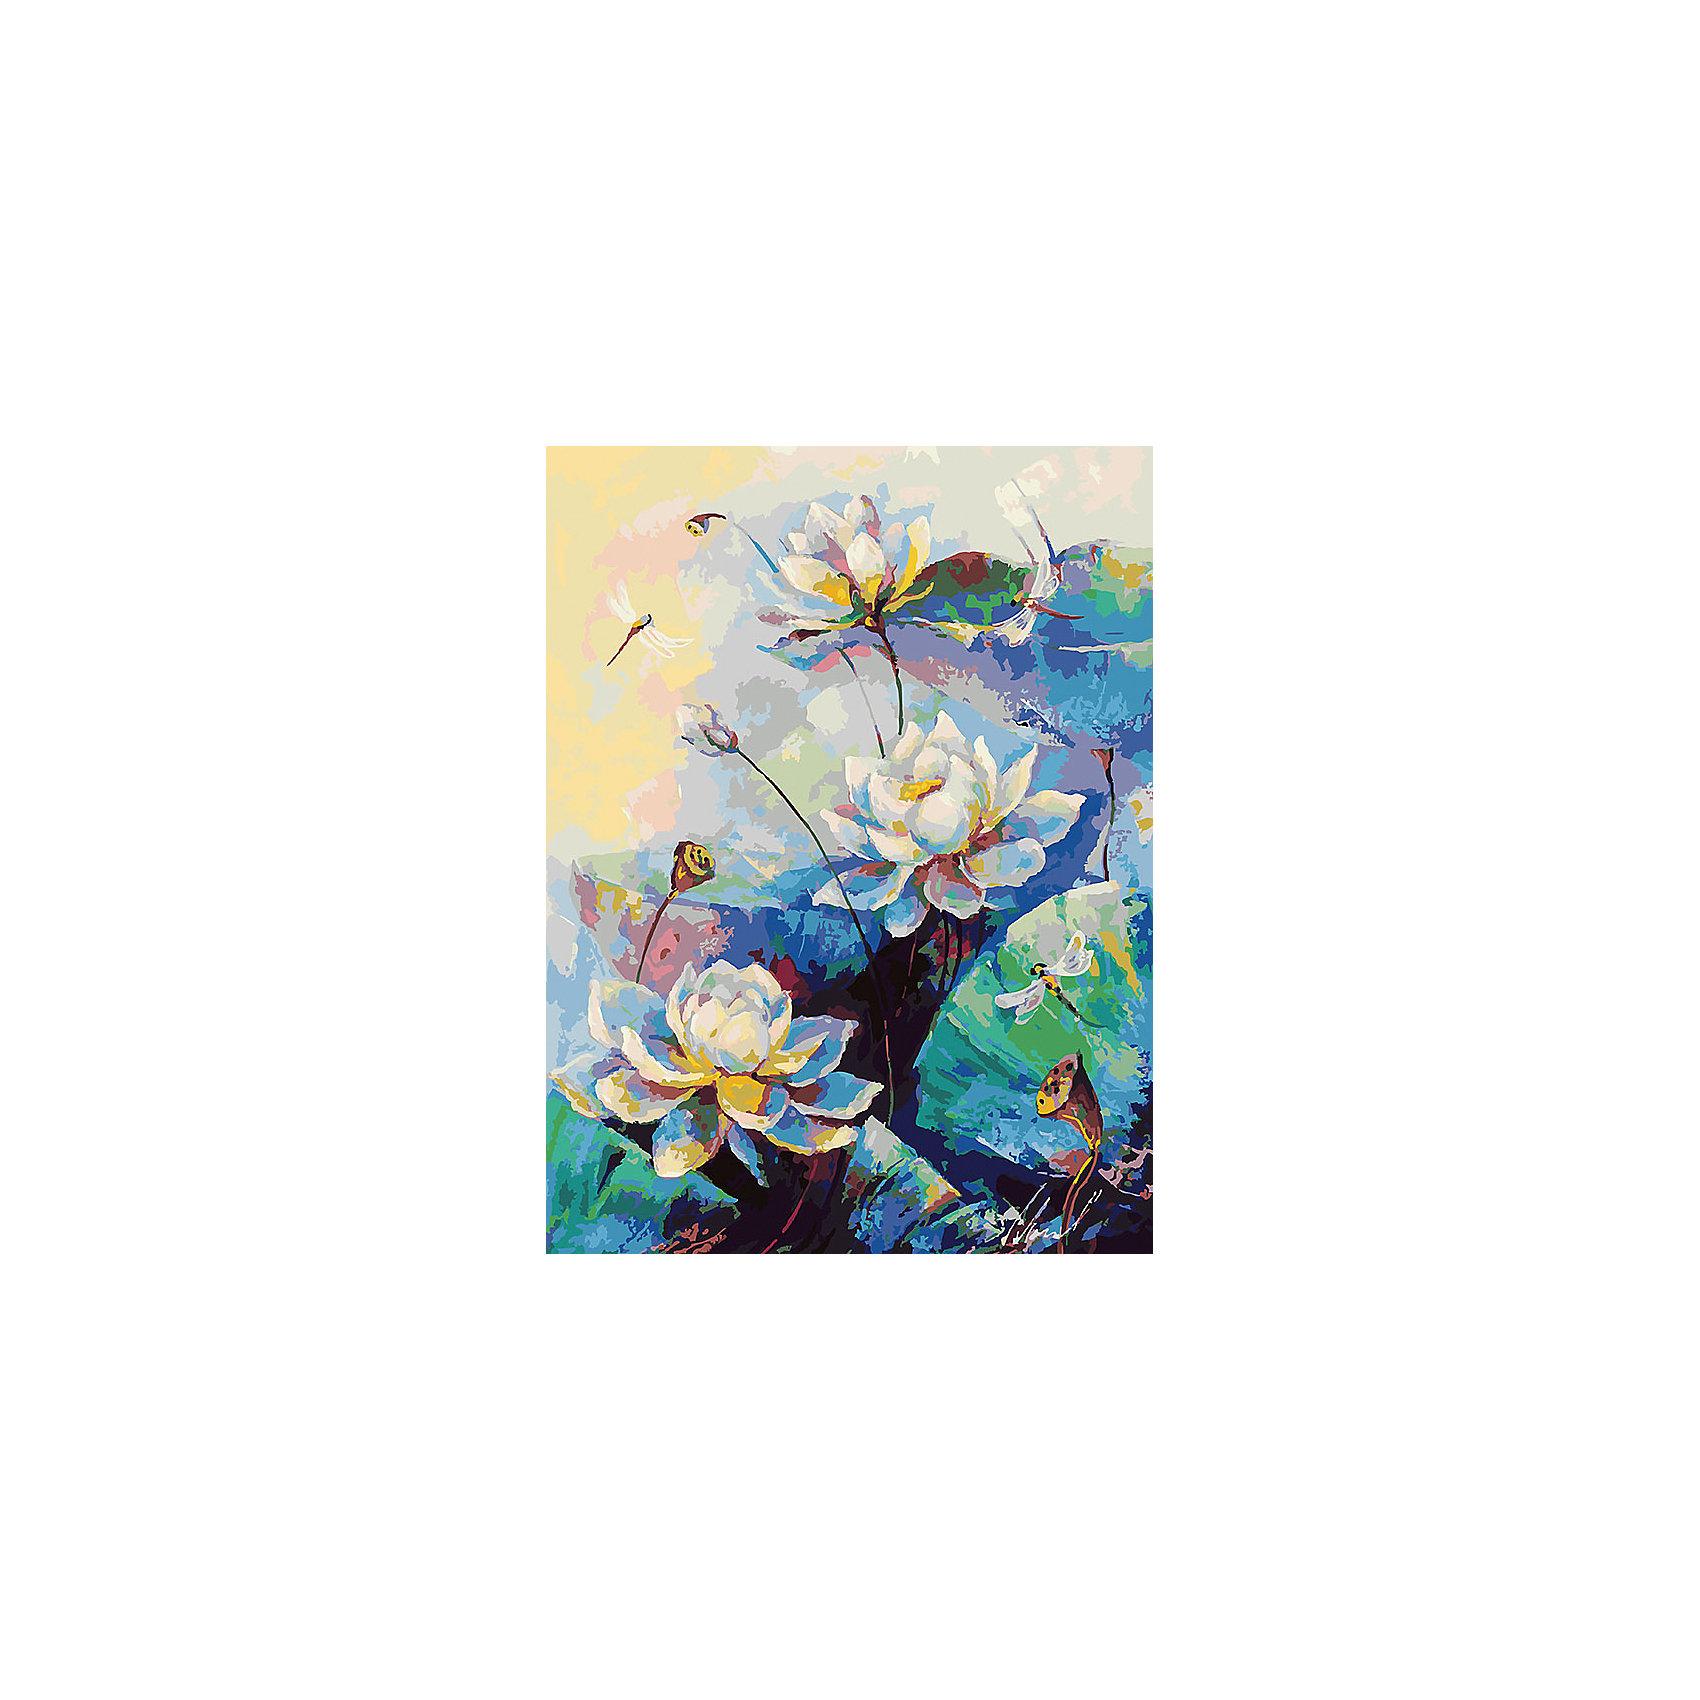 Живопись на холсте 30*40 см ЛотосРисование<br>Характеристики товара:<br><br>• цвет: разноцветный<br>• материал: акрил, картон<br>• размер: 30 x 40 см<br>• комплектация: полотно на подрамнике с контурами рисунка, пробный лист с рисунком, набор акриловых красок, три кисти, крепление на стену для картины<br>• для детей от шести лет и взрослых<br>• не требует специальных навыков<br>• страна бренда: Китай<br>• страна изготовитель: Китай<br><br>Такой набор станет отличным подарком и для взрослого, и для ребенка! Рисование помогает развить различные навыки и просто приносит удовольствие! Чтобы вселить в ребенка уверенность в своих силах, можно предложить ему этот набор - в нем уже есть сюжет, контуры рисунка и участки с номерами, которые обозначают определенную краску из набора. Все оттенки уже готовы, задача художника - аккуратно, с помощью кисточек из набора, нанести краски на определенный участок полотна.<br>Взрослым также понравится этот процесс, рисовать можно и вместе с малышом! В итоге получается красивая картина, которой можно украсить интерьер. Рисование способствует развитию мелкой моторики, воображения, цветовосприятия, творческих способностей и усидчивости. Набор отлично проработан, сделан из качественных и проверенных материалов, которые безопасны для детей. Краски - акриловые, они быстро сохнут и легко смываются с кожи.<br><br>Живопись на холсте 30*40 см Лотос от торговой марки Белоснежка можно купить в нашем интернет-магазине.<br><br>Ширина мм: 410<br>Глубина мм: 310<br>Высота мм: 25<br>Вес г: 567<br>Возраст от месяцев: 72<br>Возраст до месяцев: 144<br>Пол: Унисекс<br>Возраст: Детский<br>SKU: 5089665